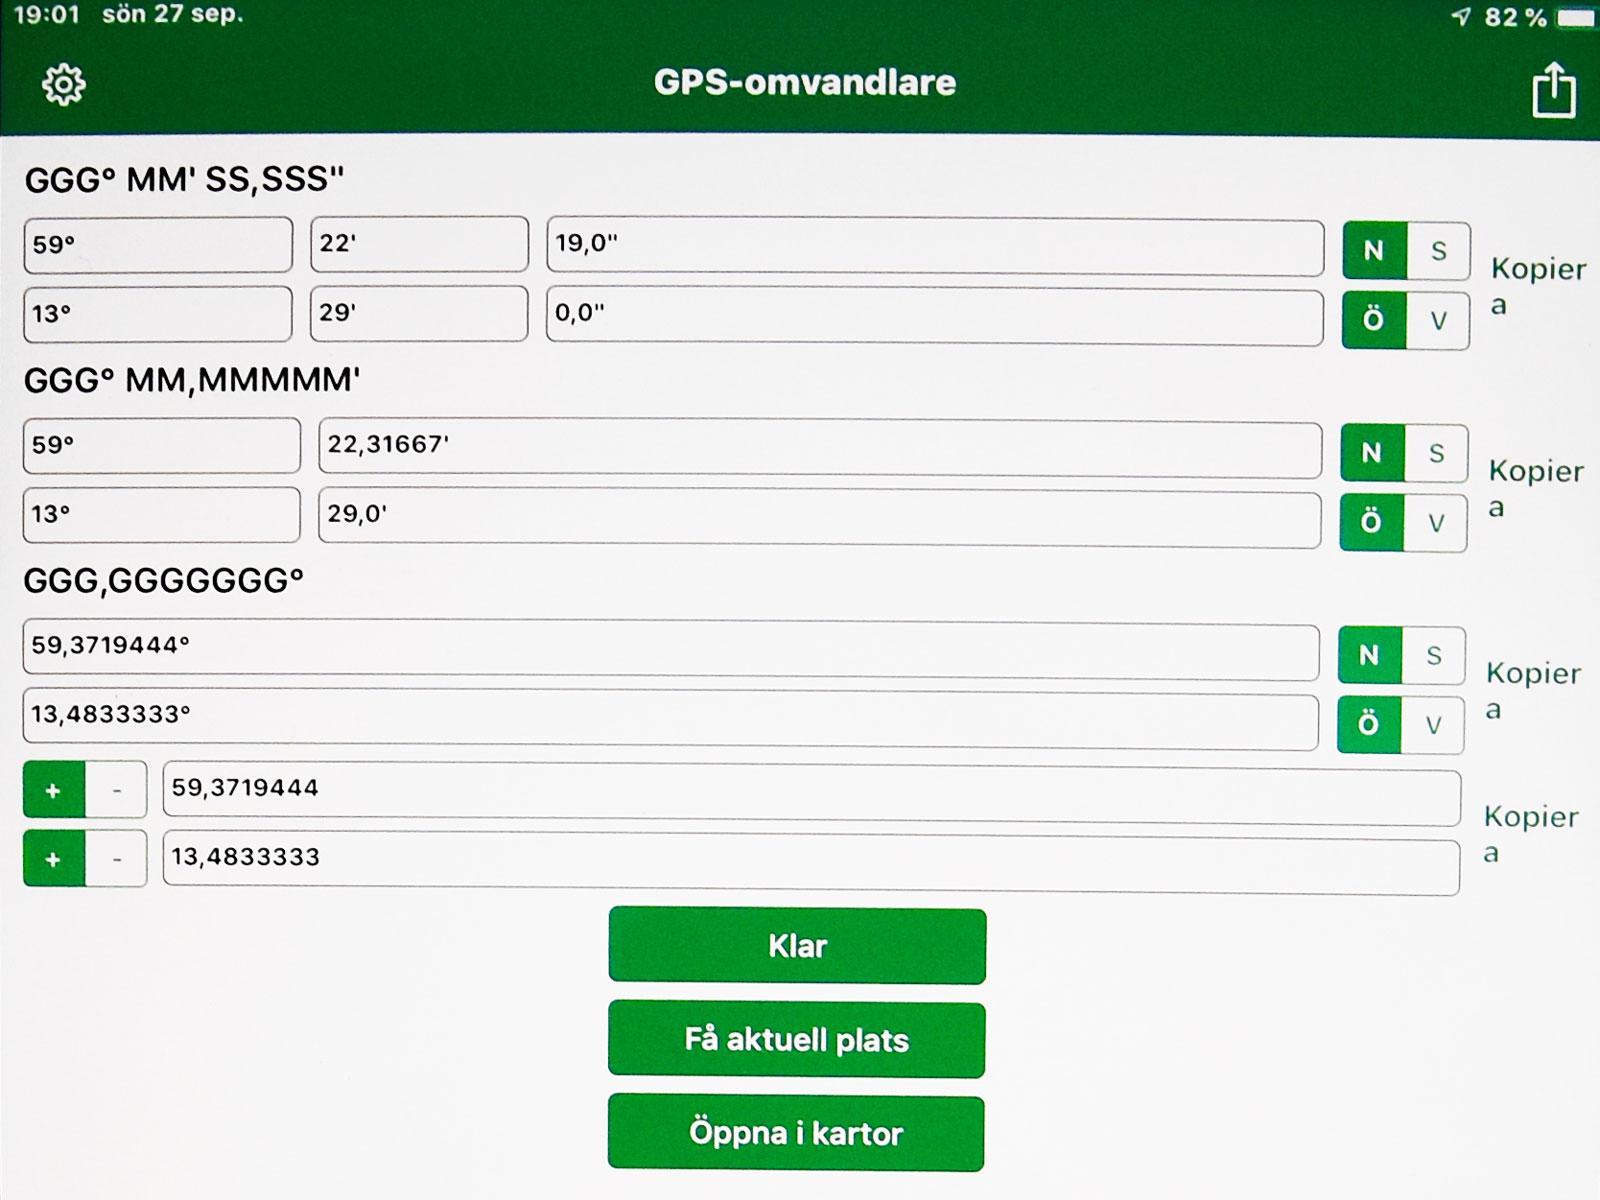 GPS-omvandlaren.